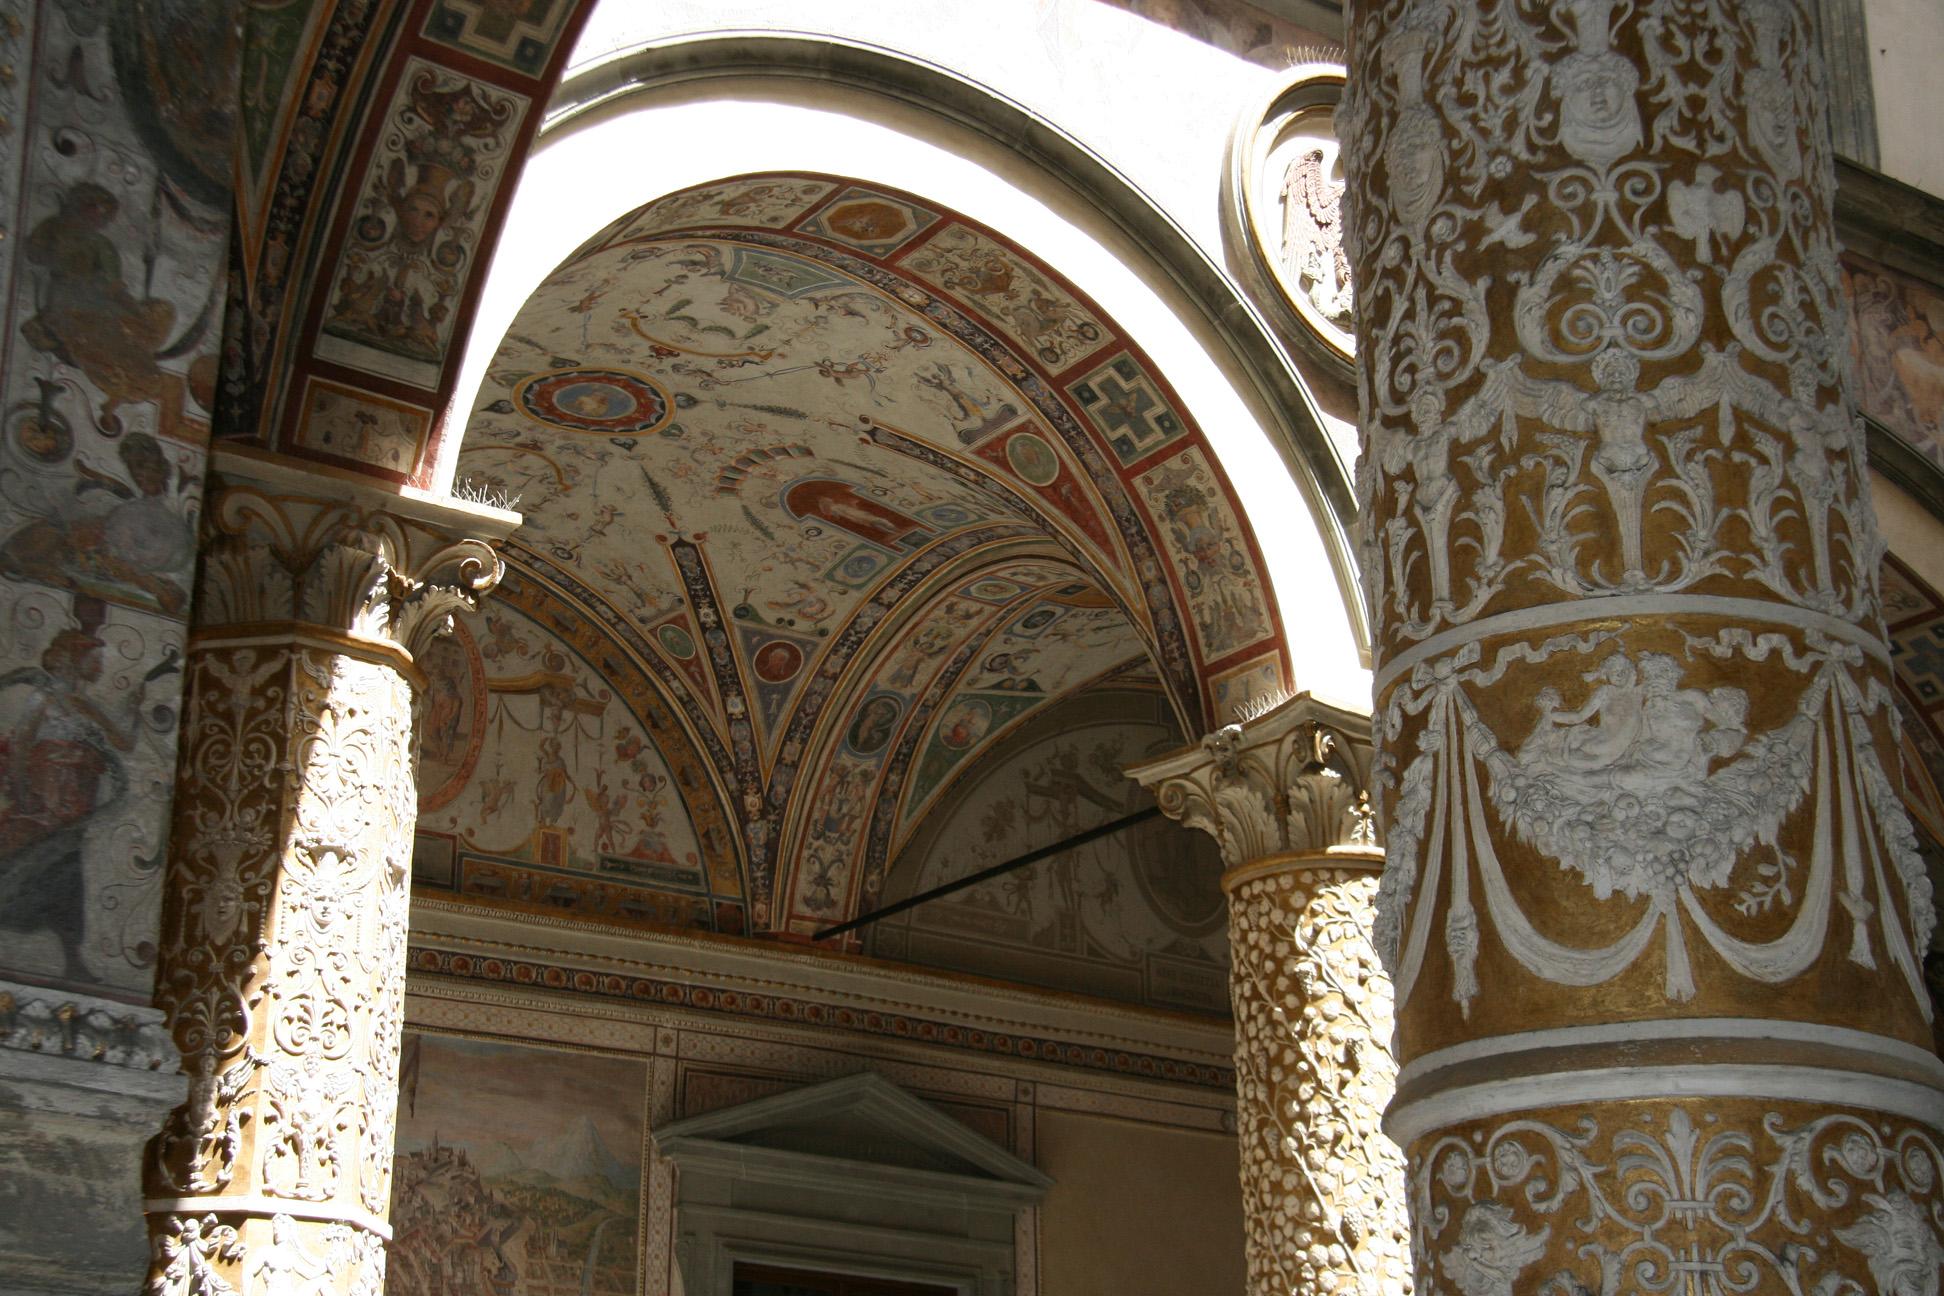 Inside the Palazzo Vecchio.